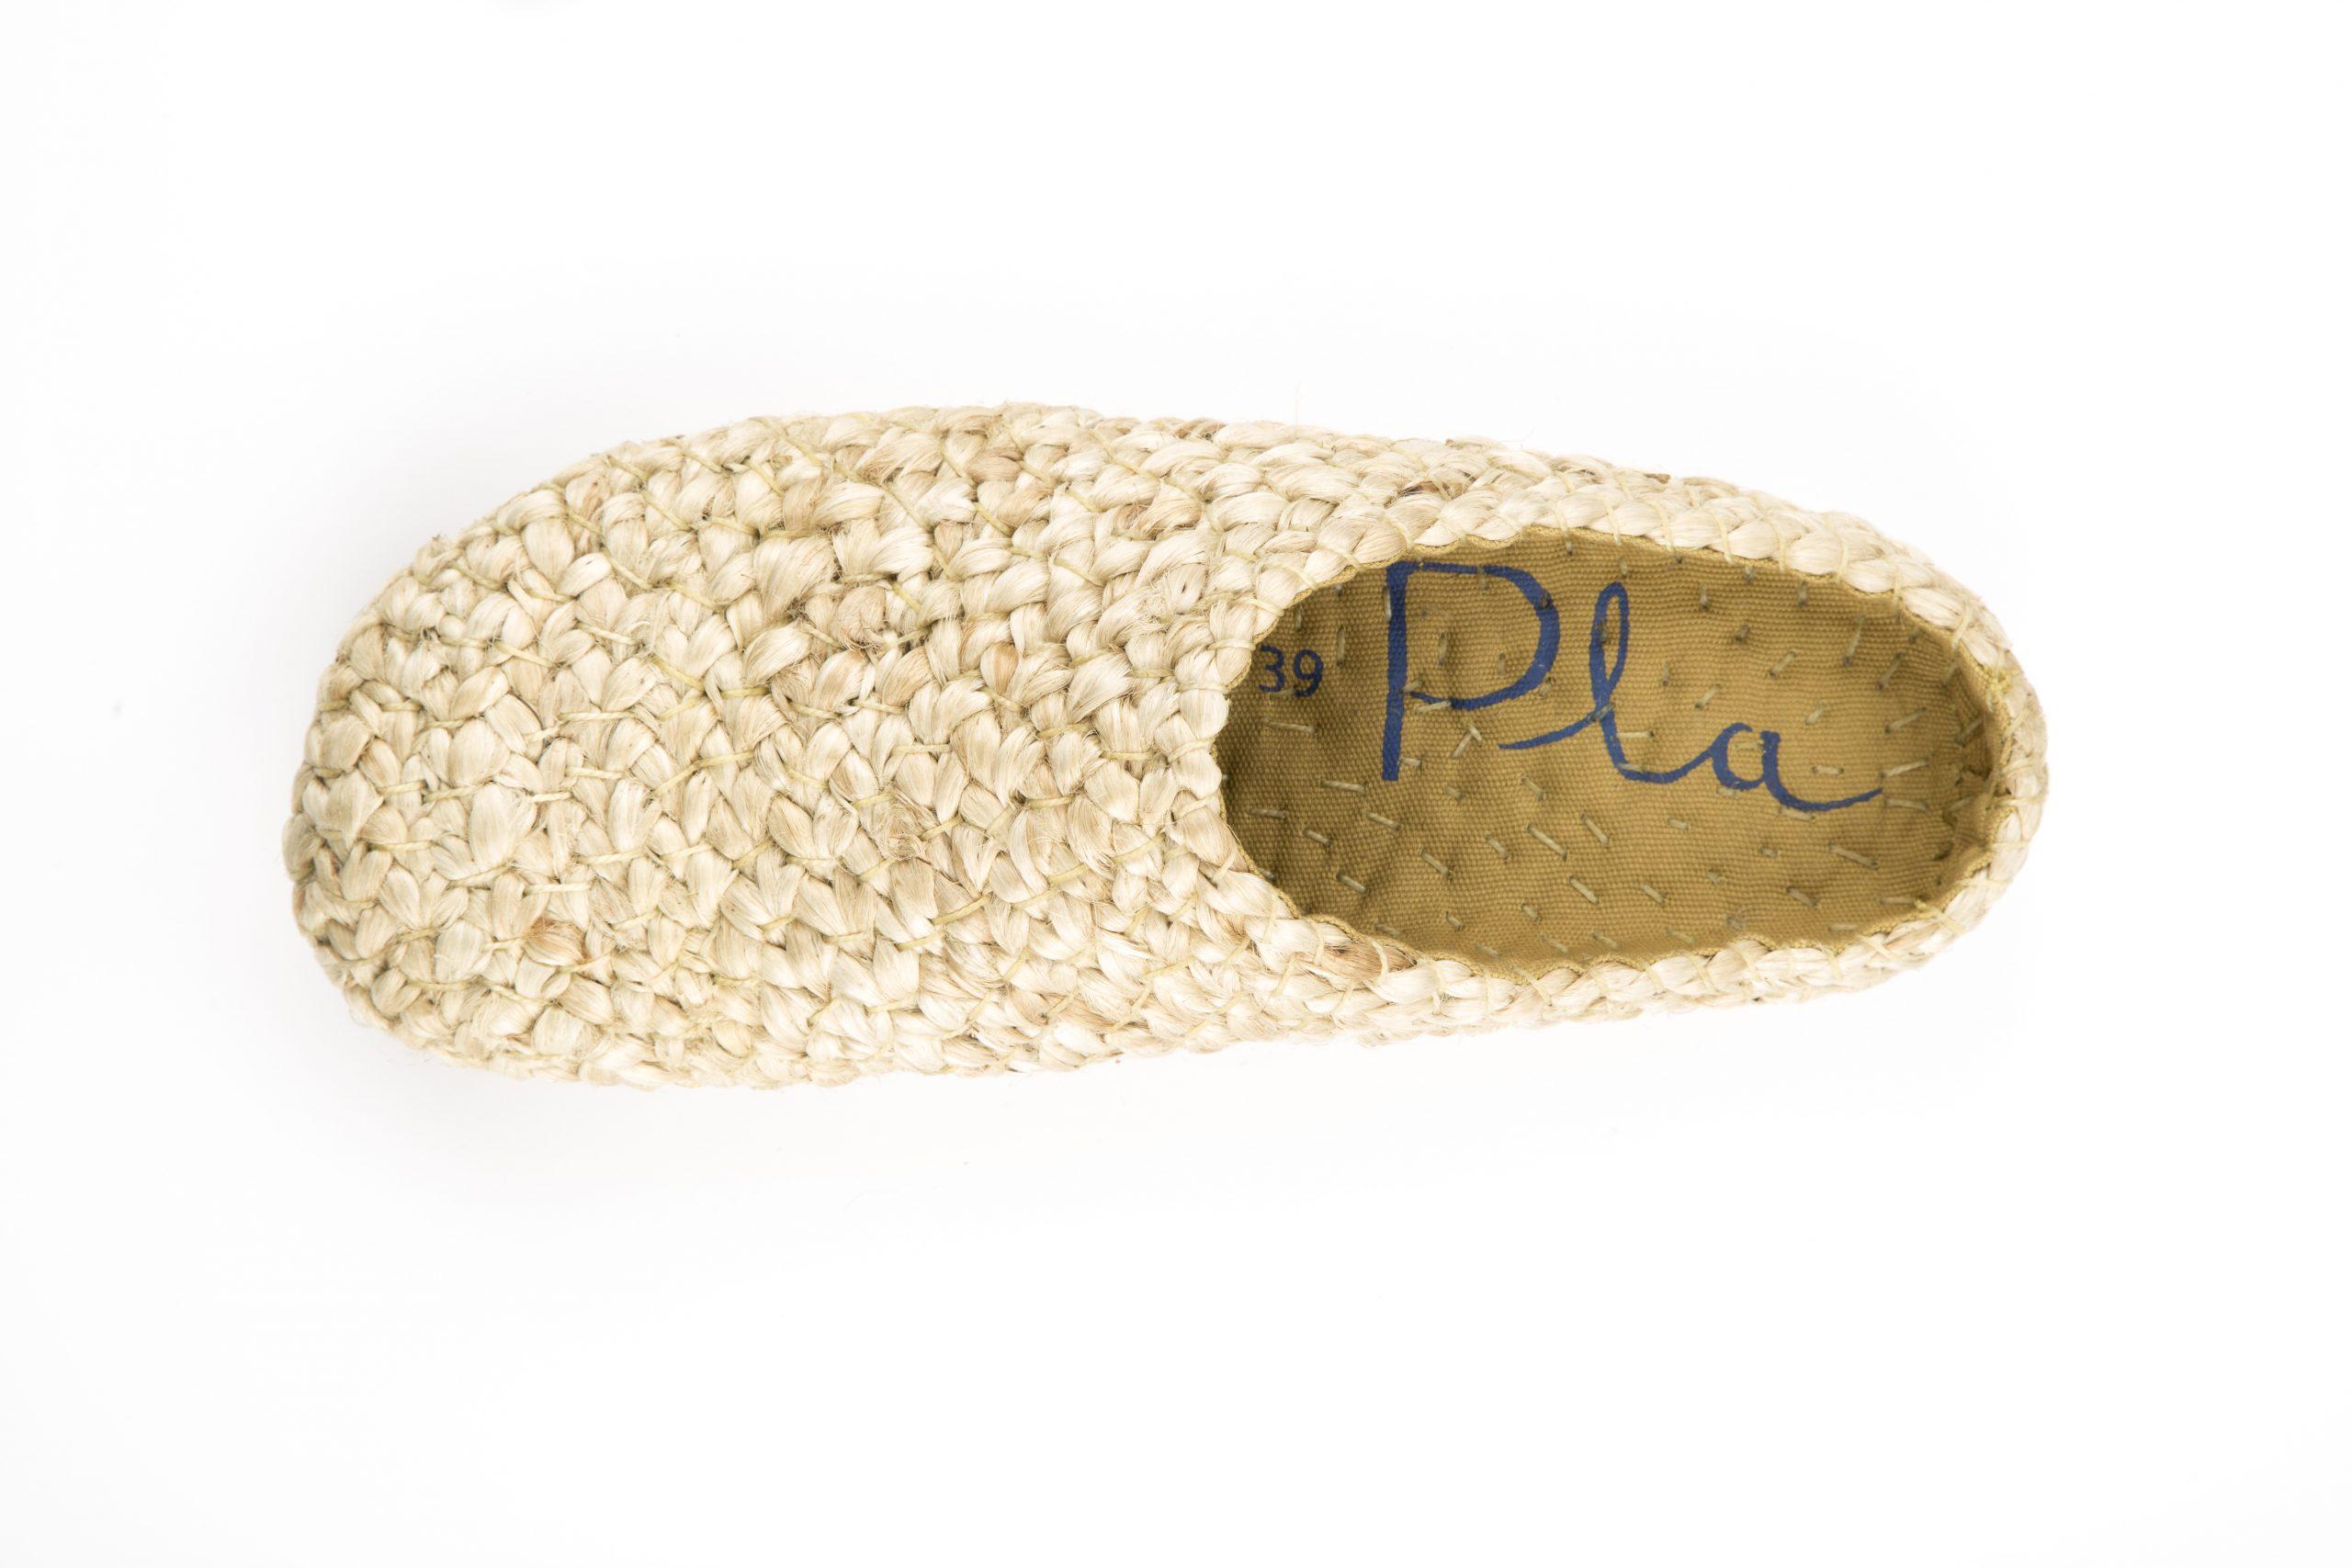 Zapatos Pla, producción artesanal con materiales naturales